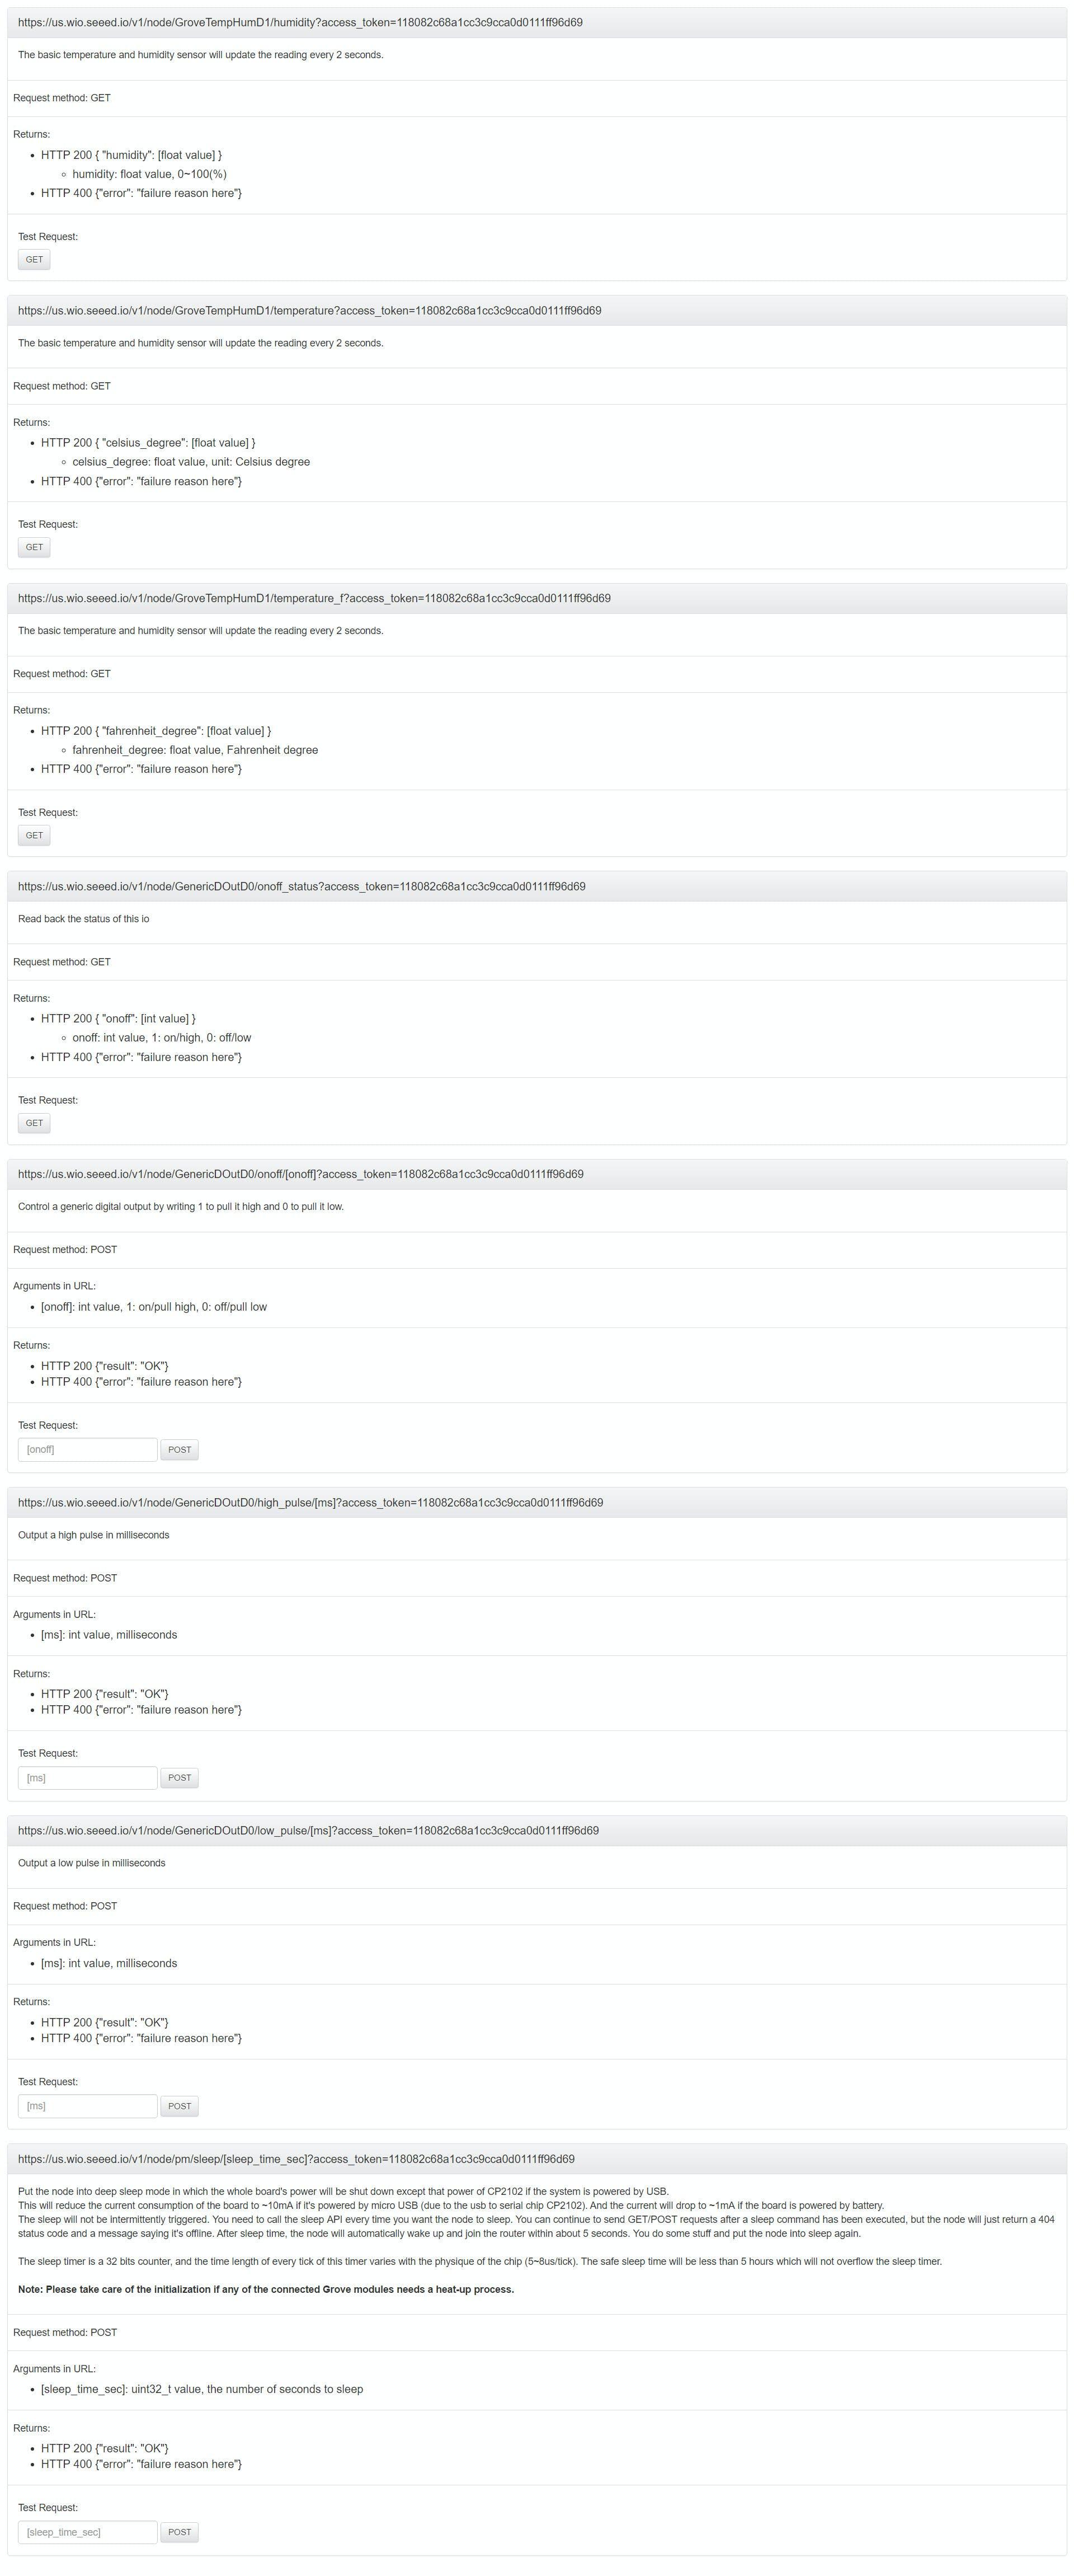 API for one of the WIO NODESs